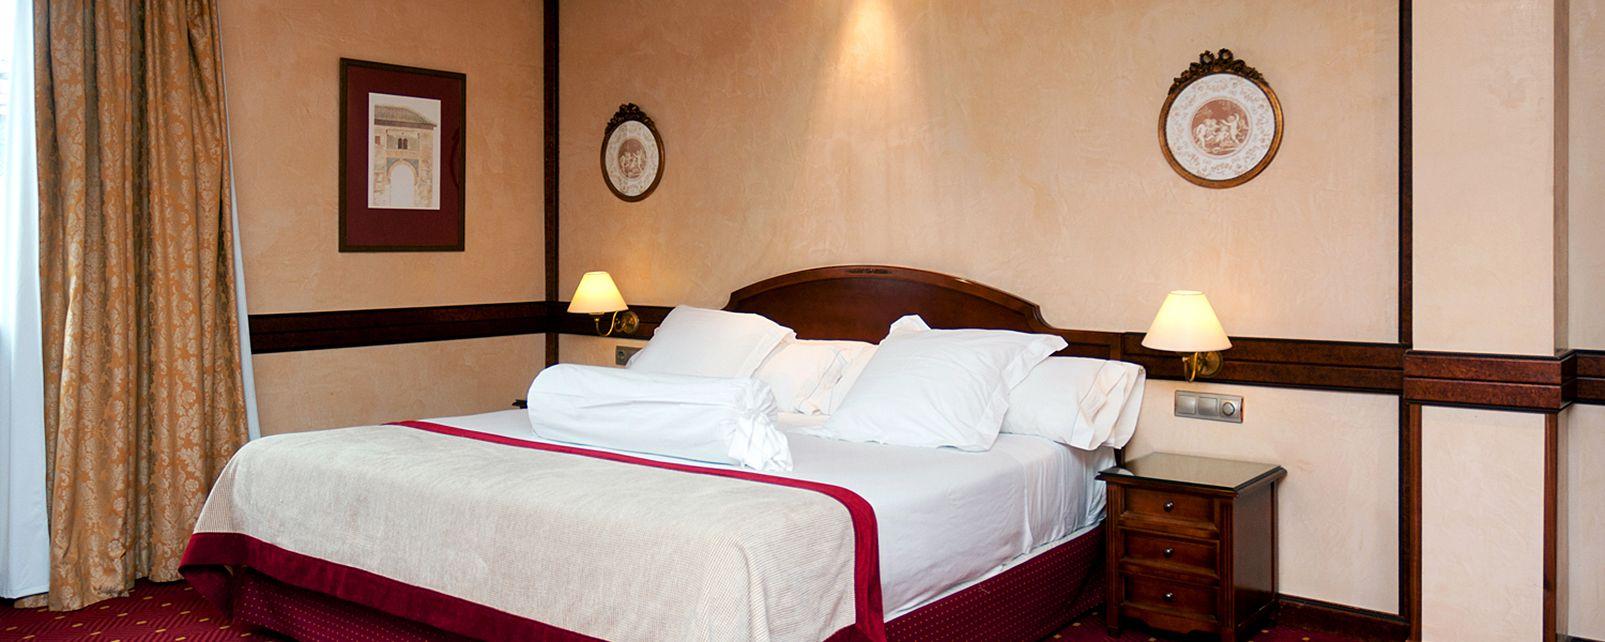 Hôtel Melia Granada Hotel